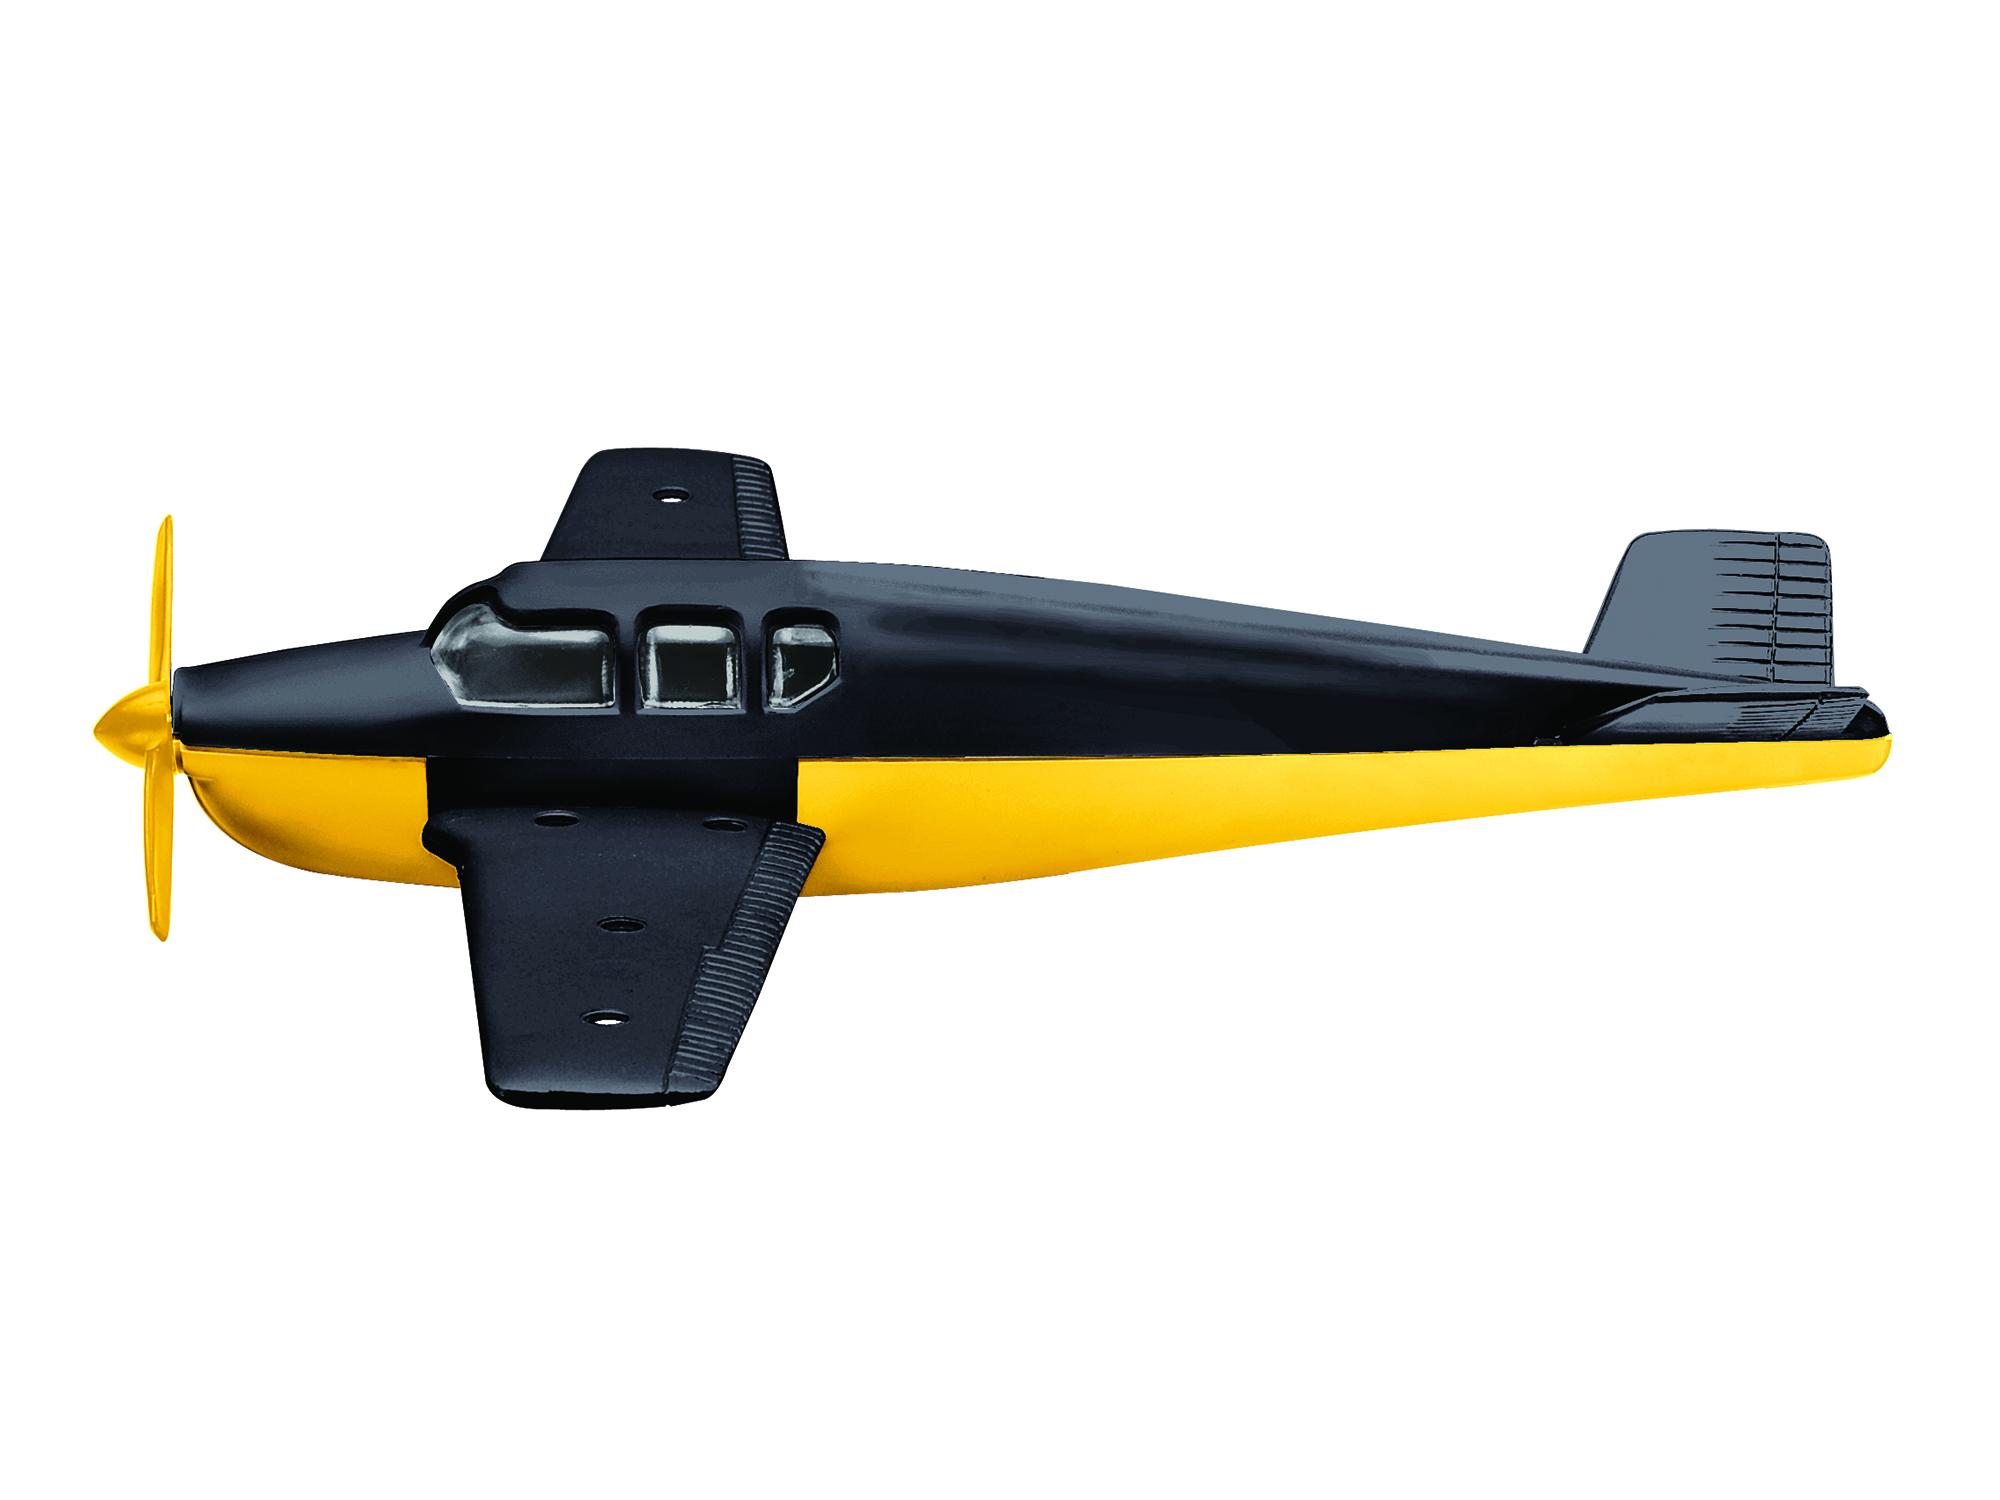 Lionel 637855 O Lionel Airplane 2/ 434-637855